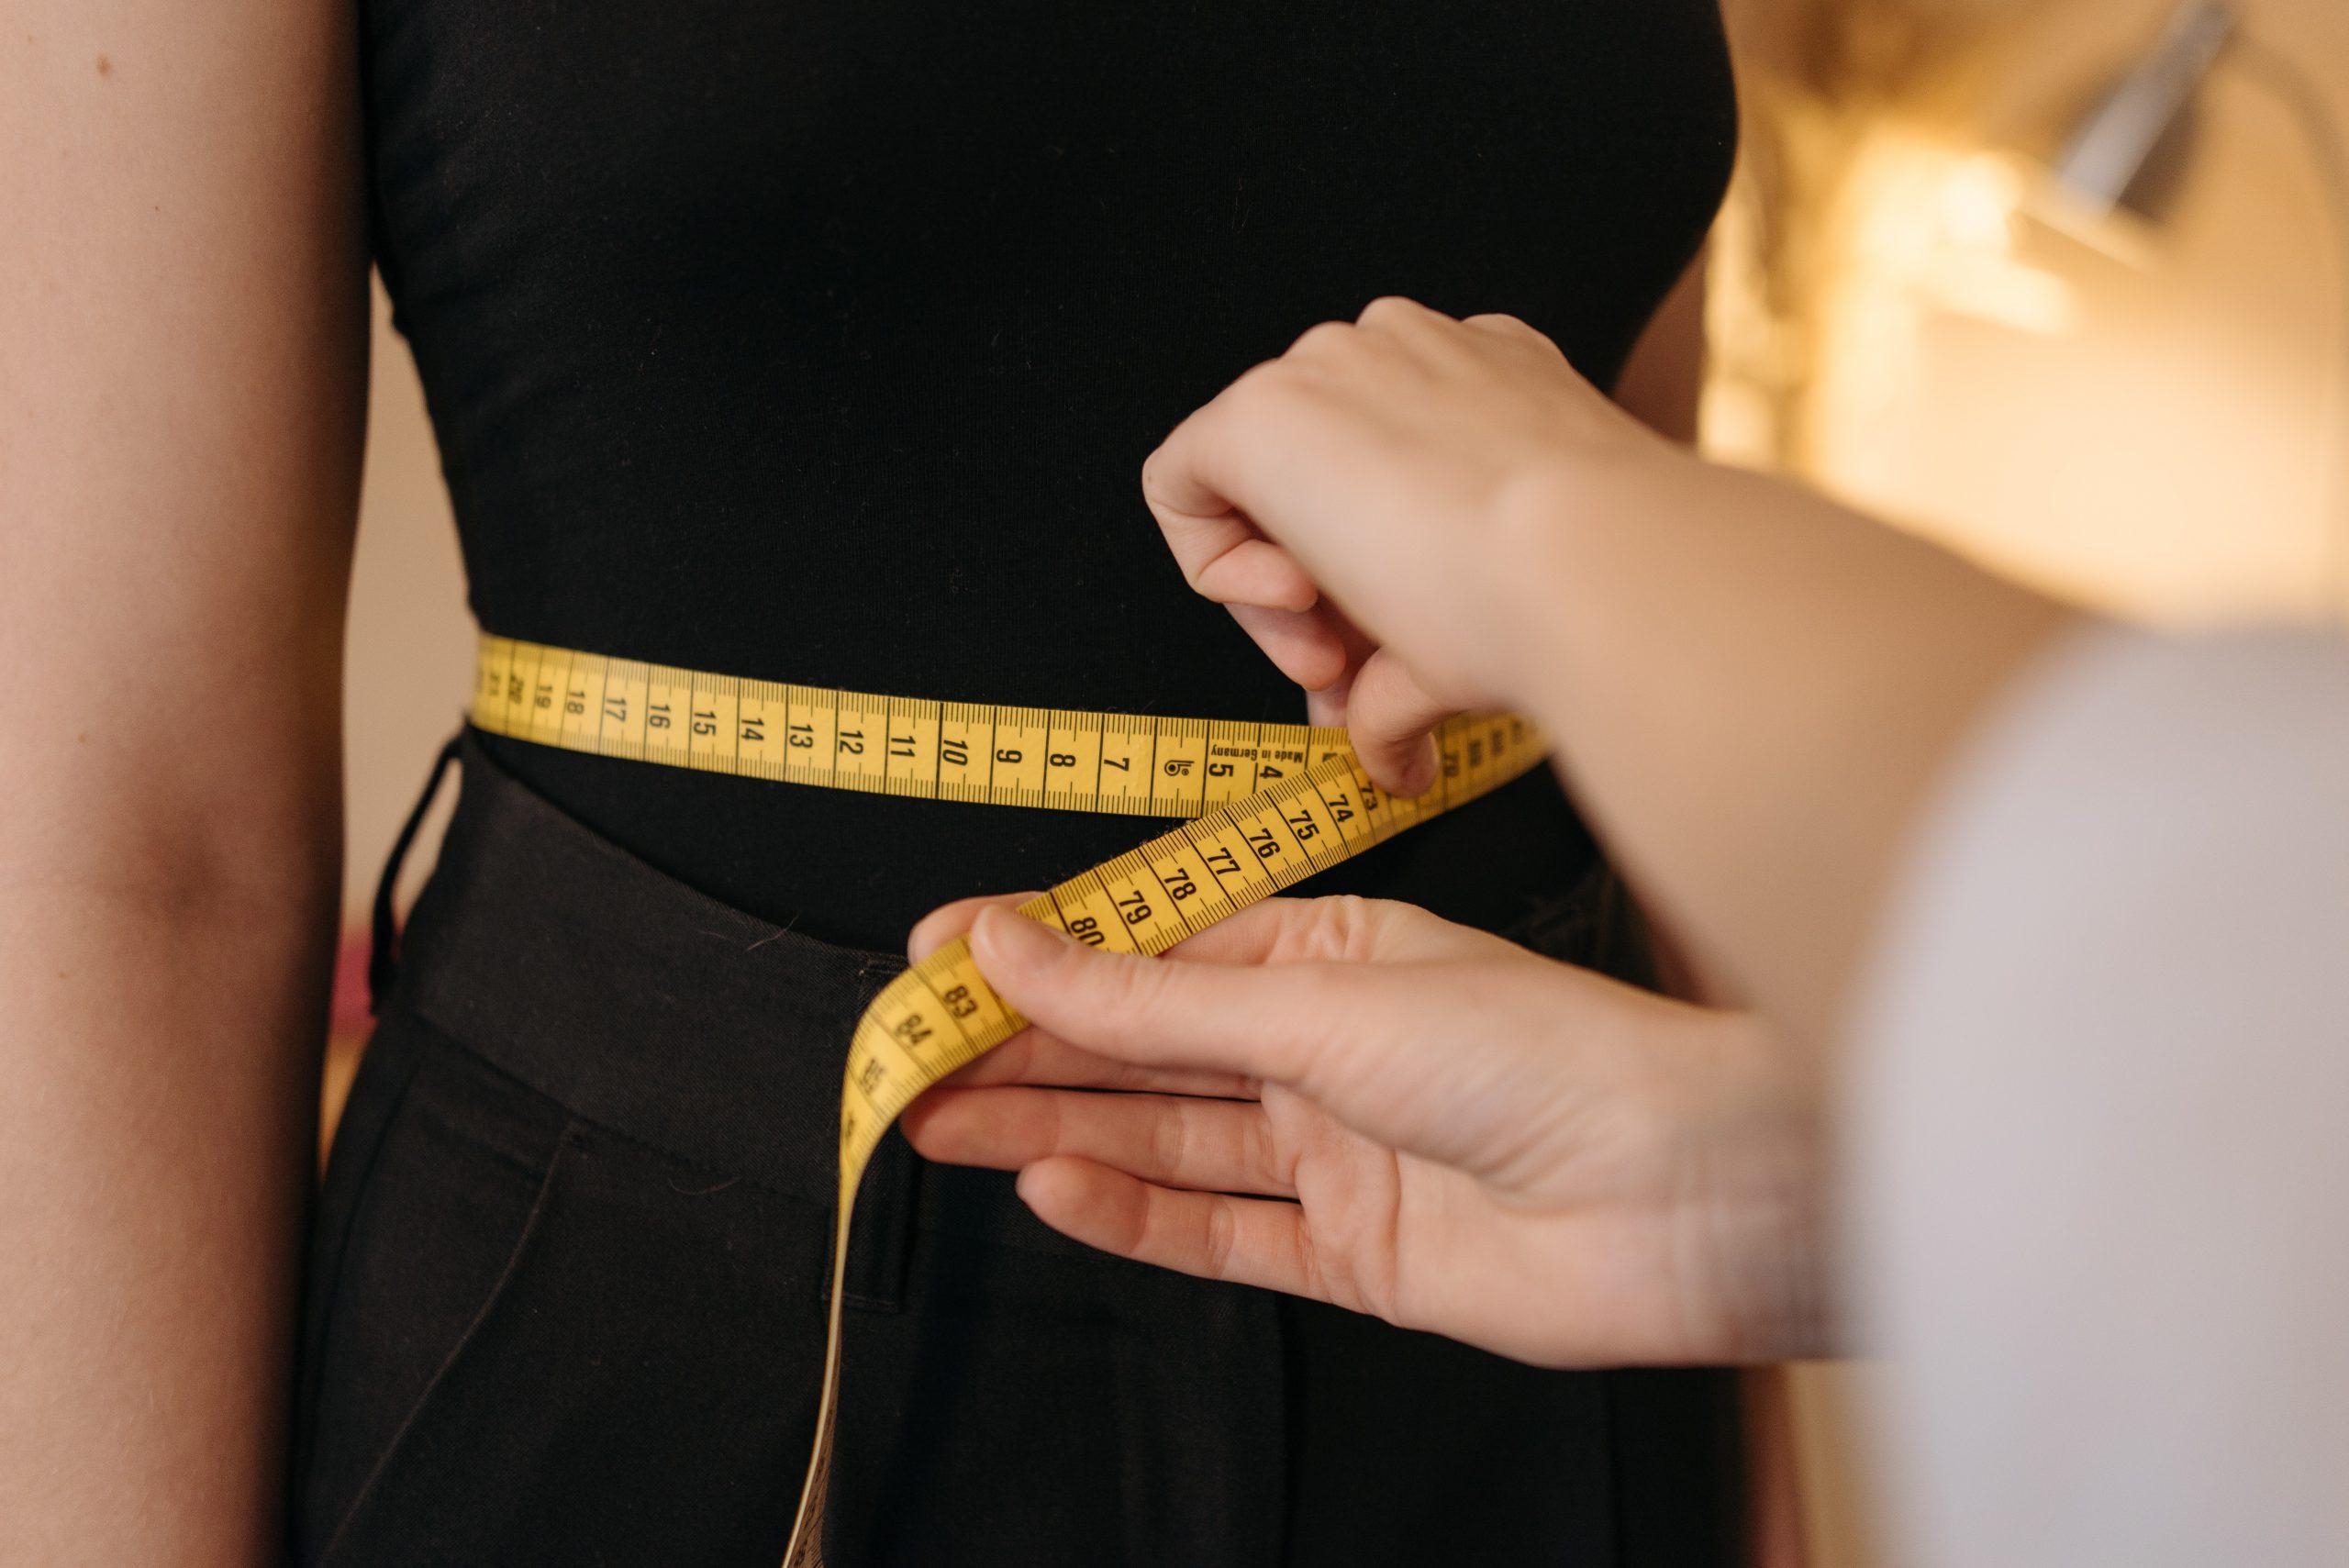 У москвичек началась «эпидемия» нового типа ожирения